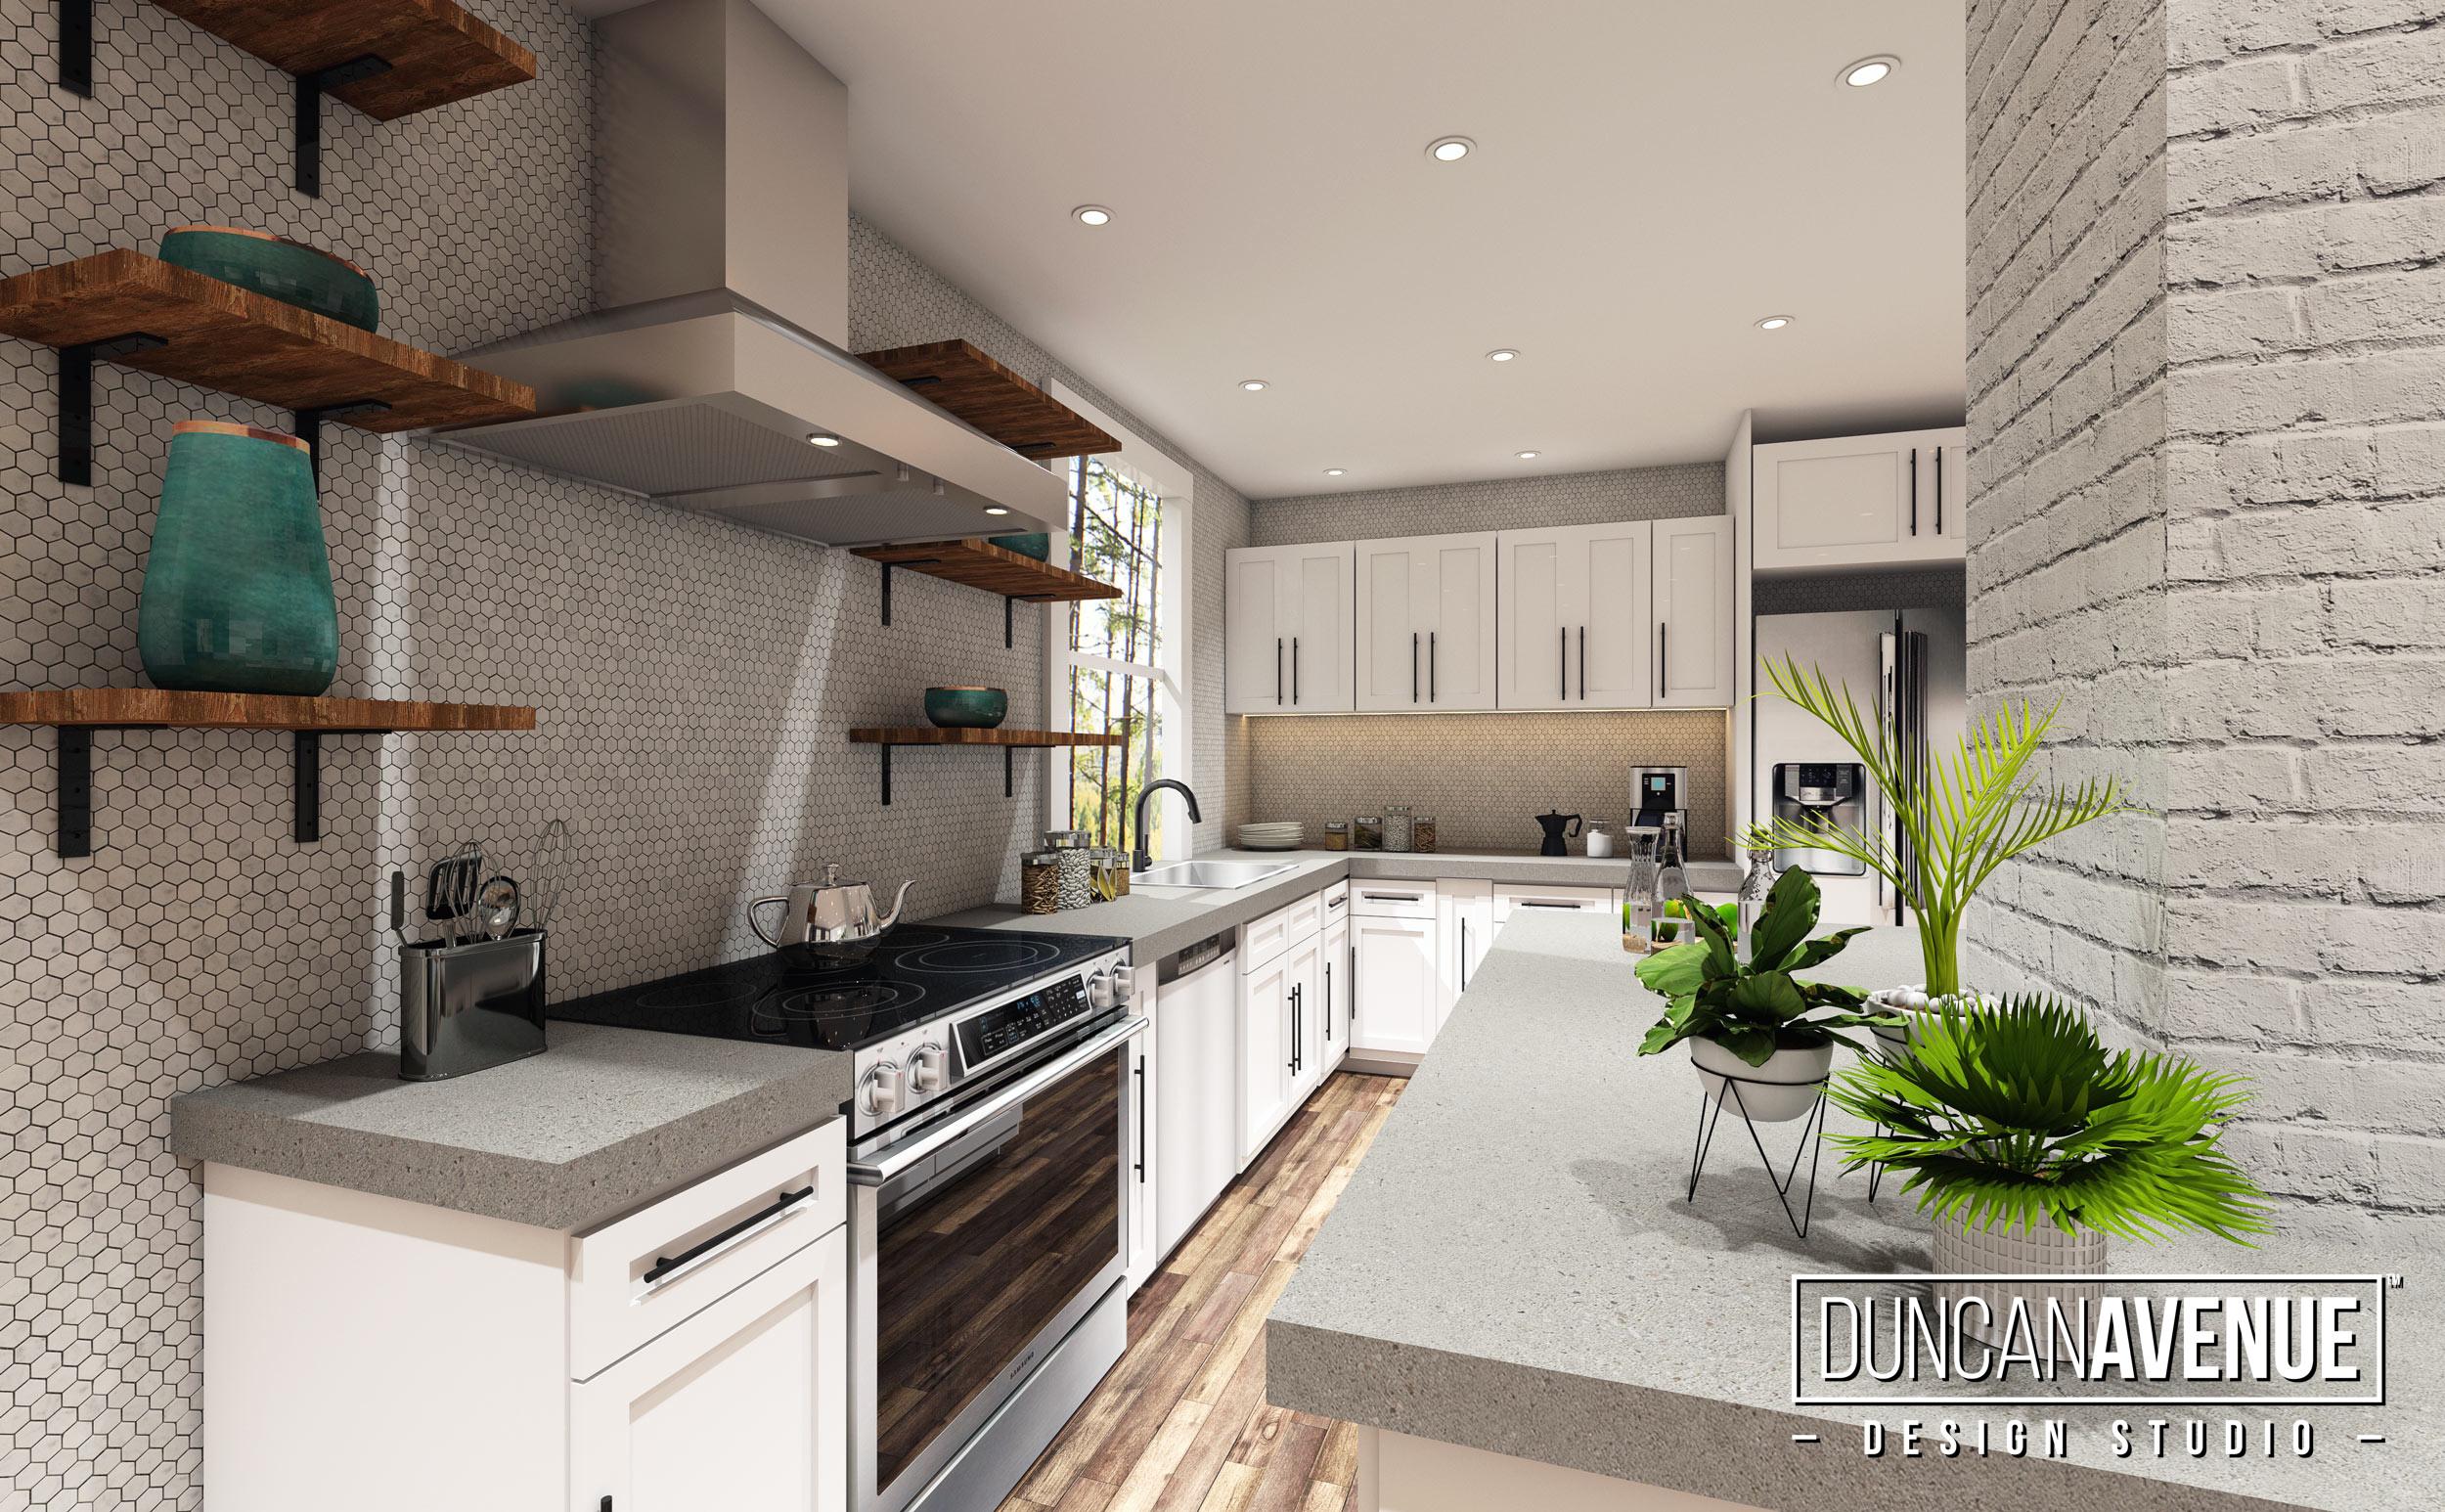 Modern Farmhouse Interior Design Project in Monticello, NY - Duncan Avenue Design Studio - Designer Maxwell L. Alexander